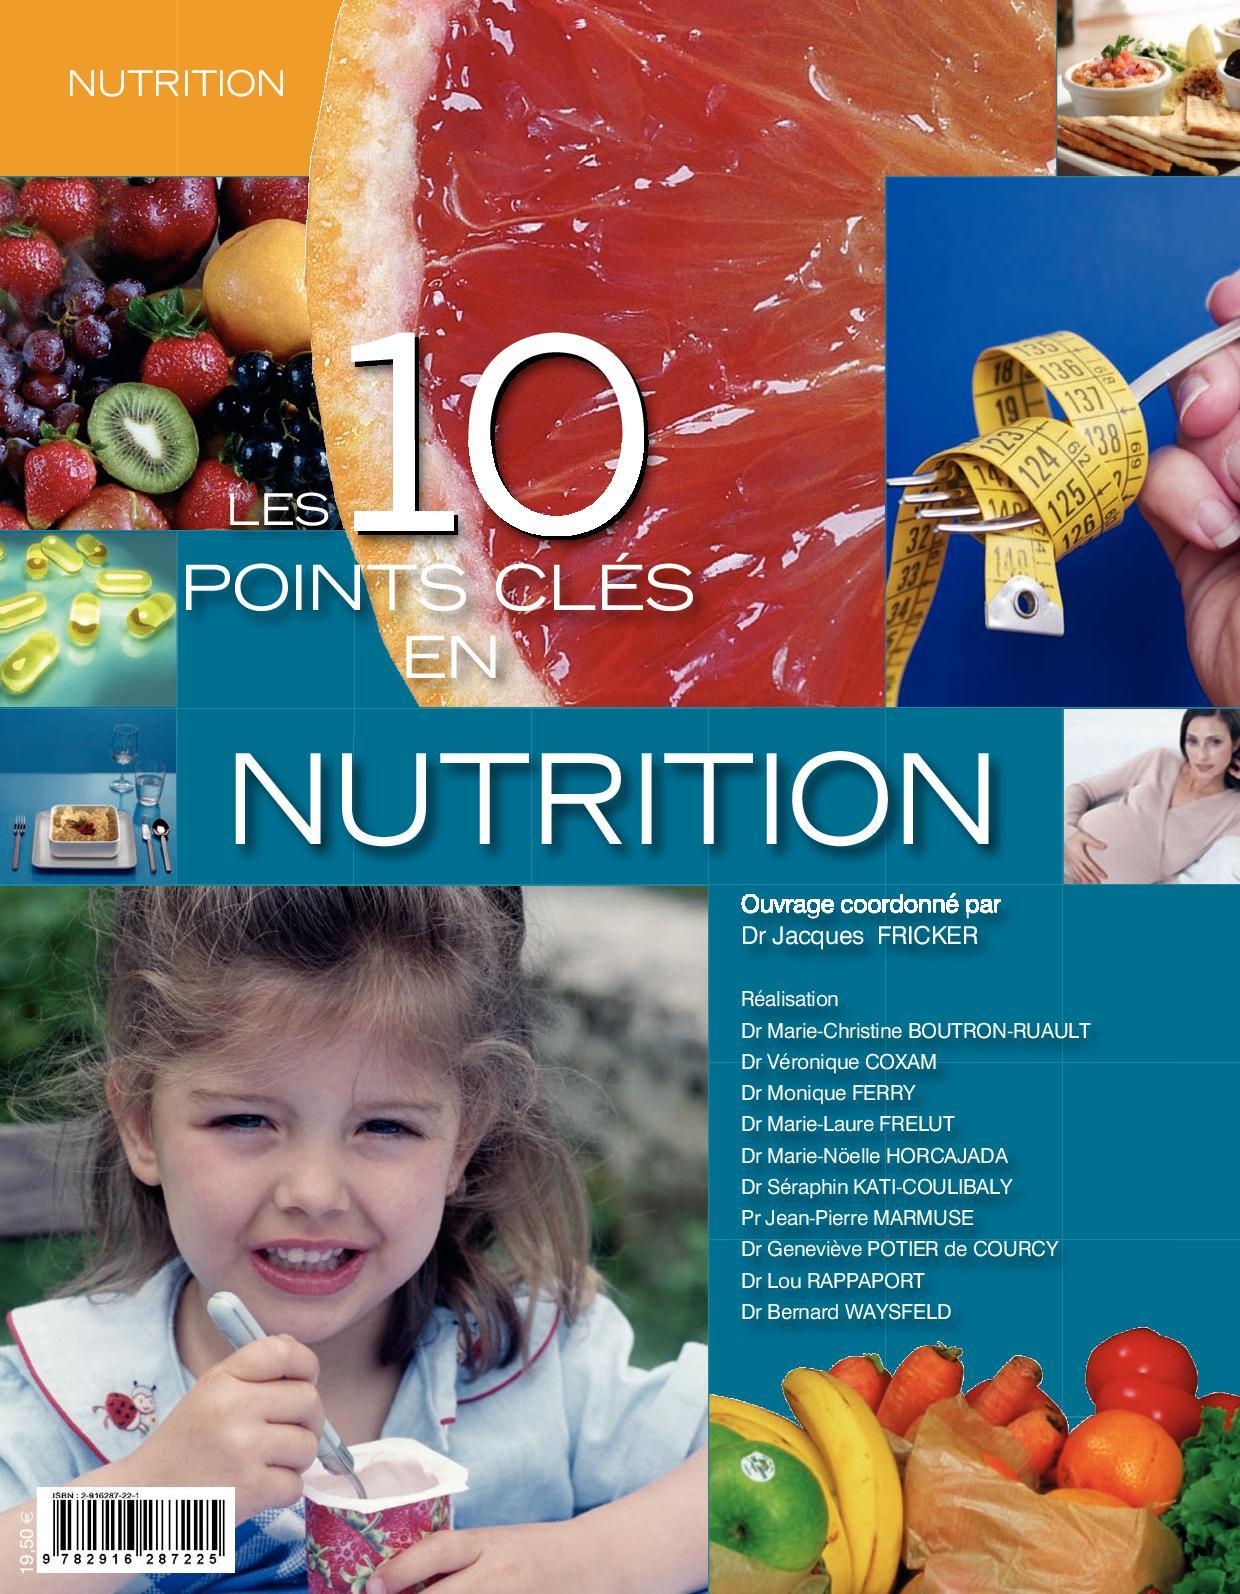 Conseils diététiques et régime post opératoire - Chirurgie Digestive Montpellier